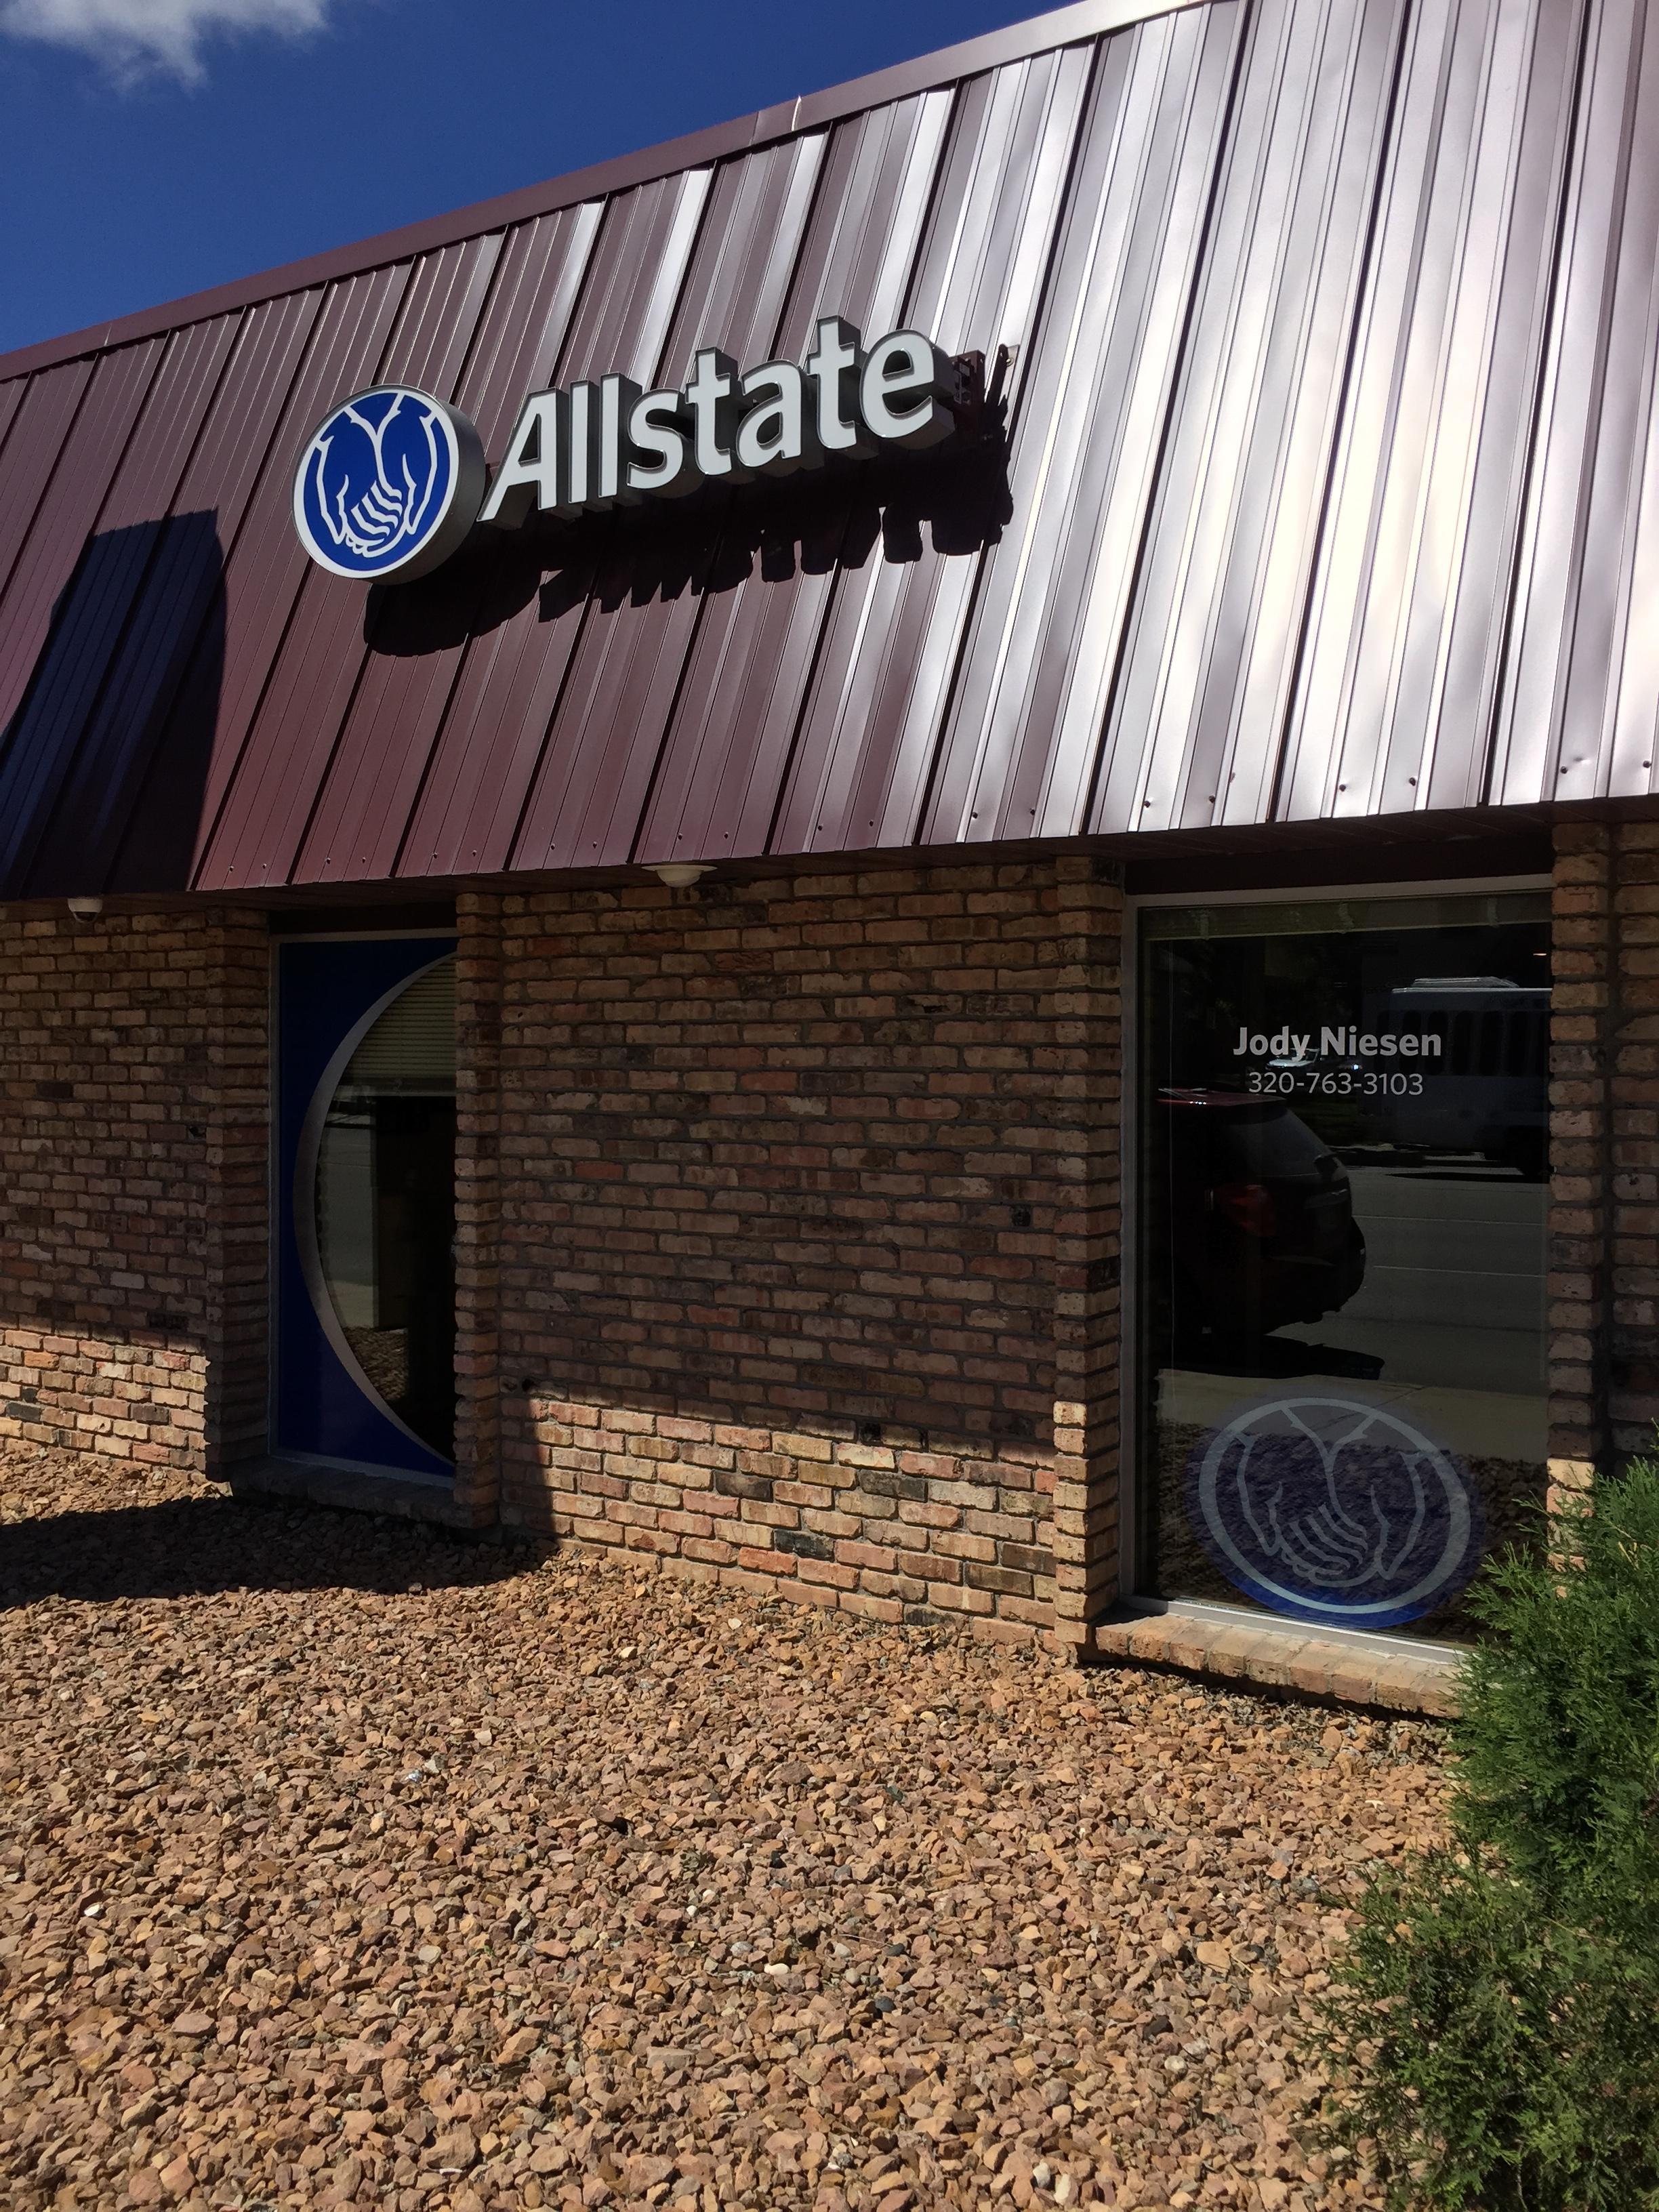 Insurance Agency in MN Alexandria 56308 Allstate Insurance Agent: Jody Niesen 1114 Broadway St Ste 1 (320)763-3103